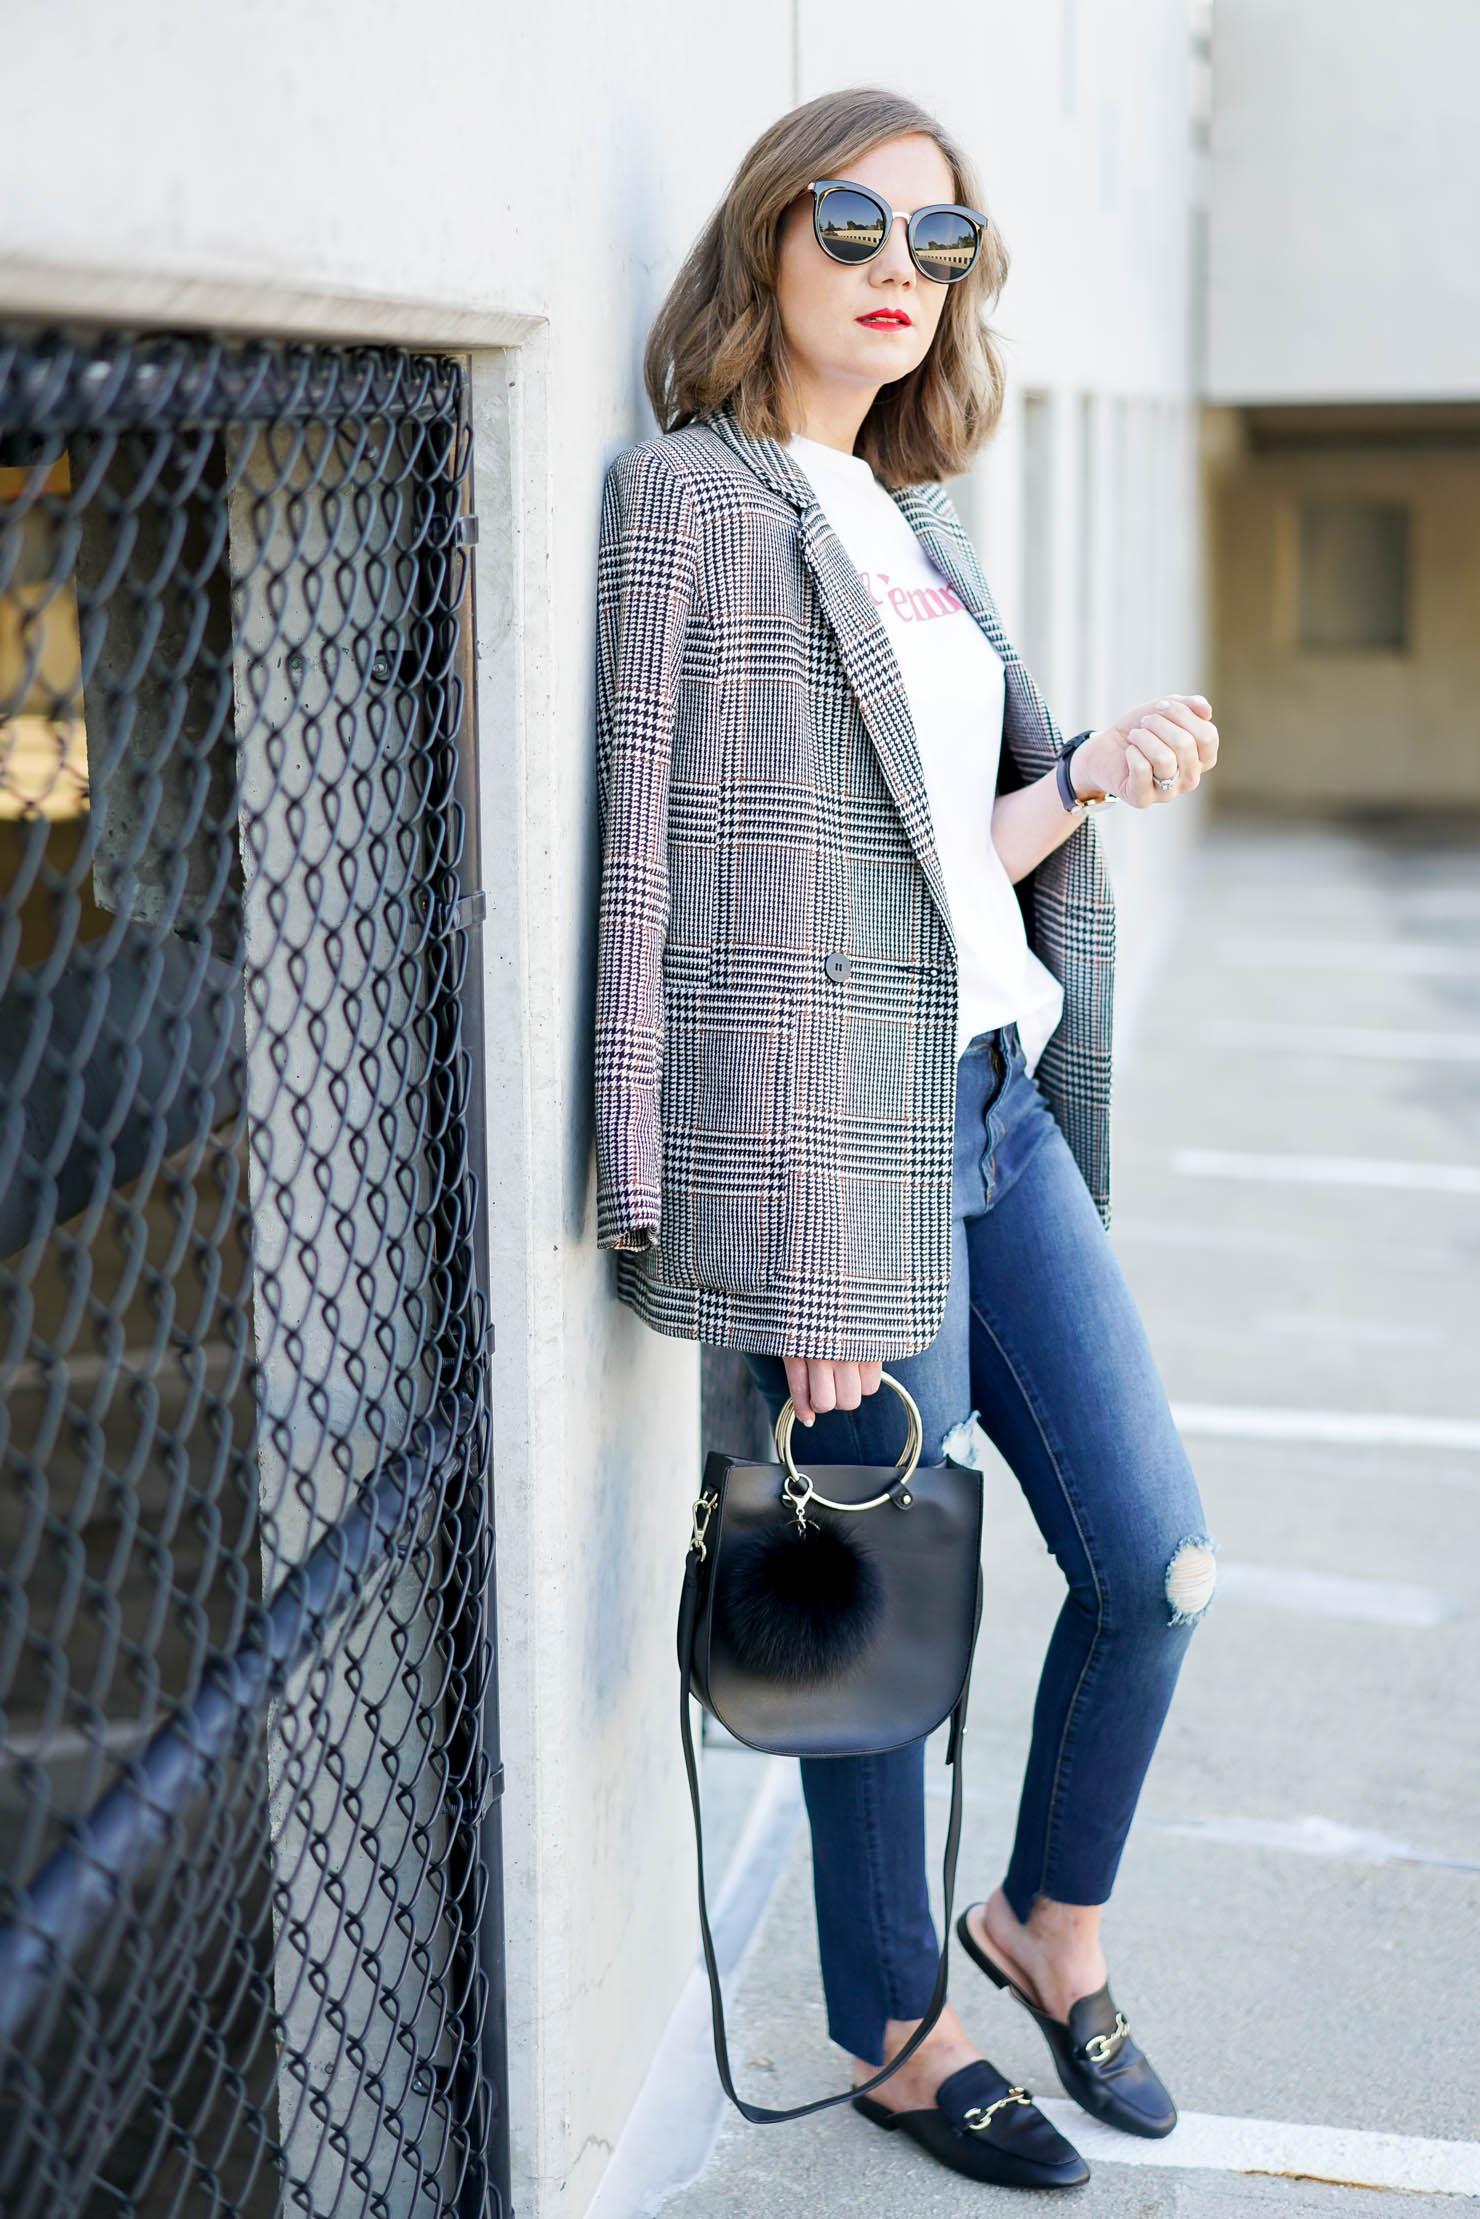 to wear - Fashion Fall Trend: Plaid video